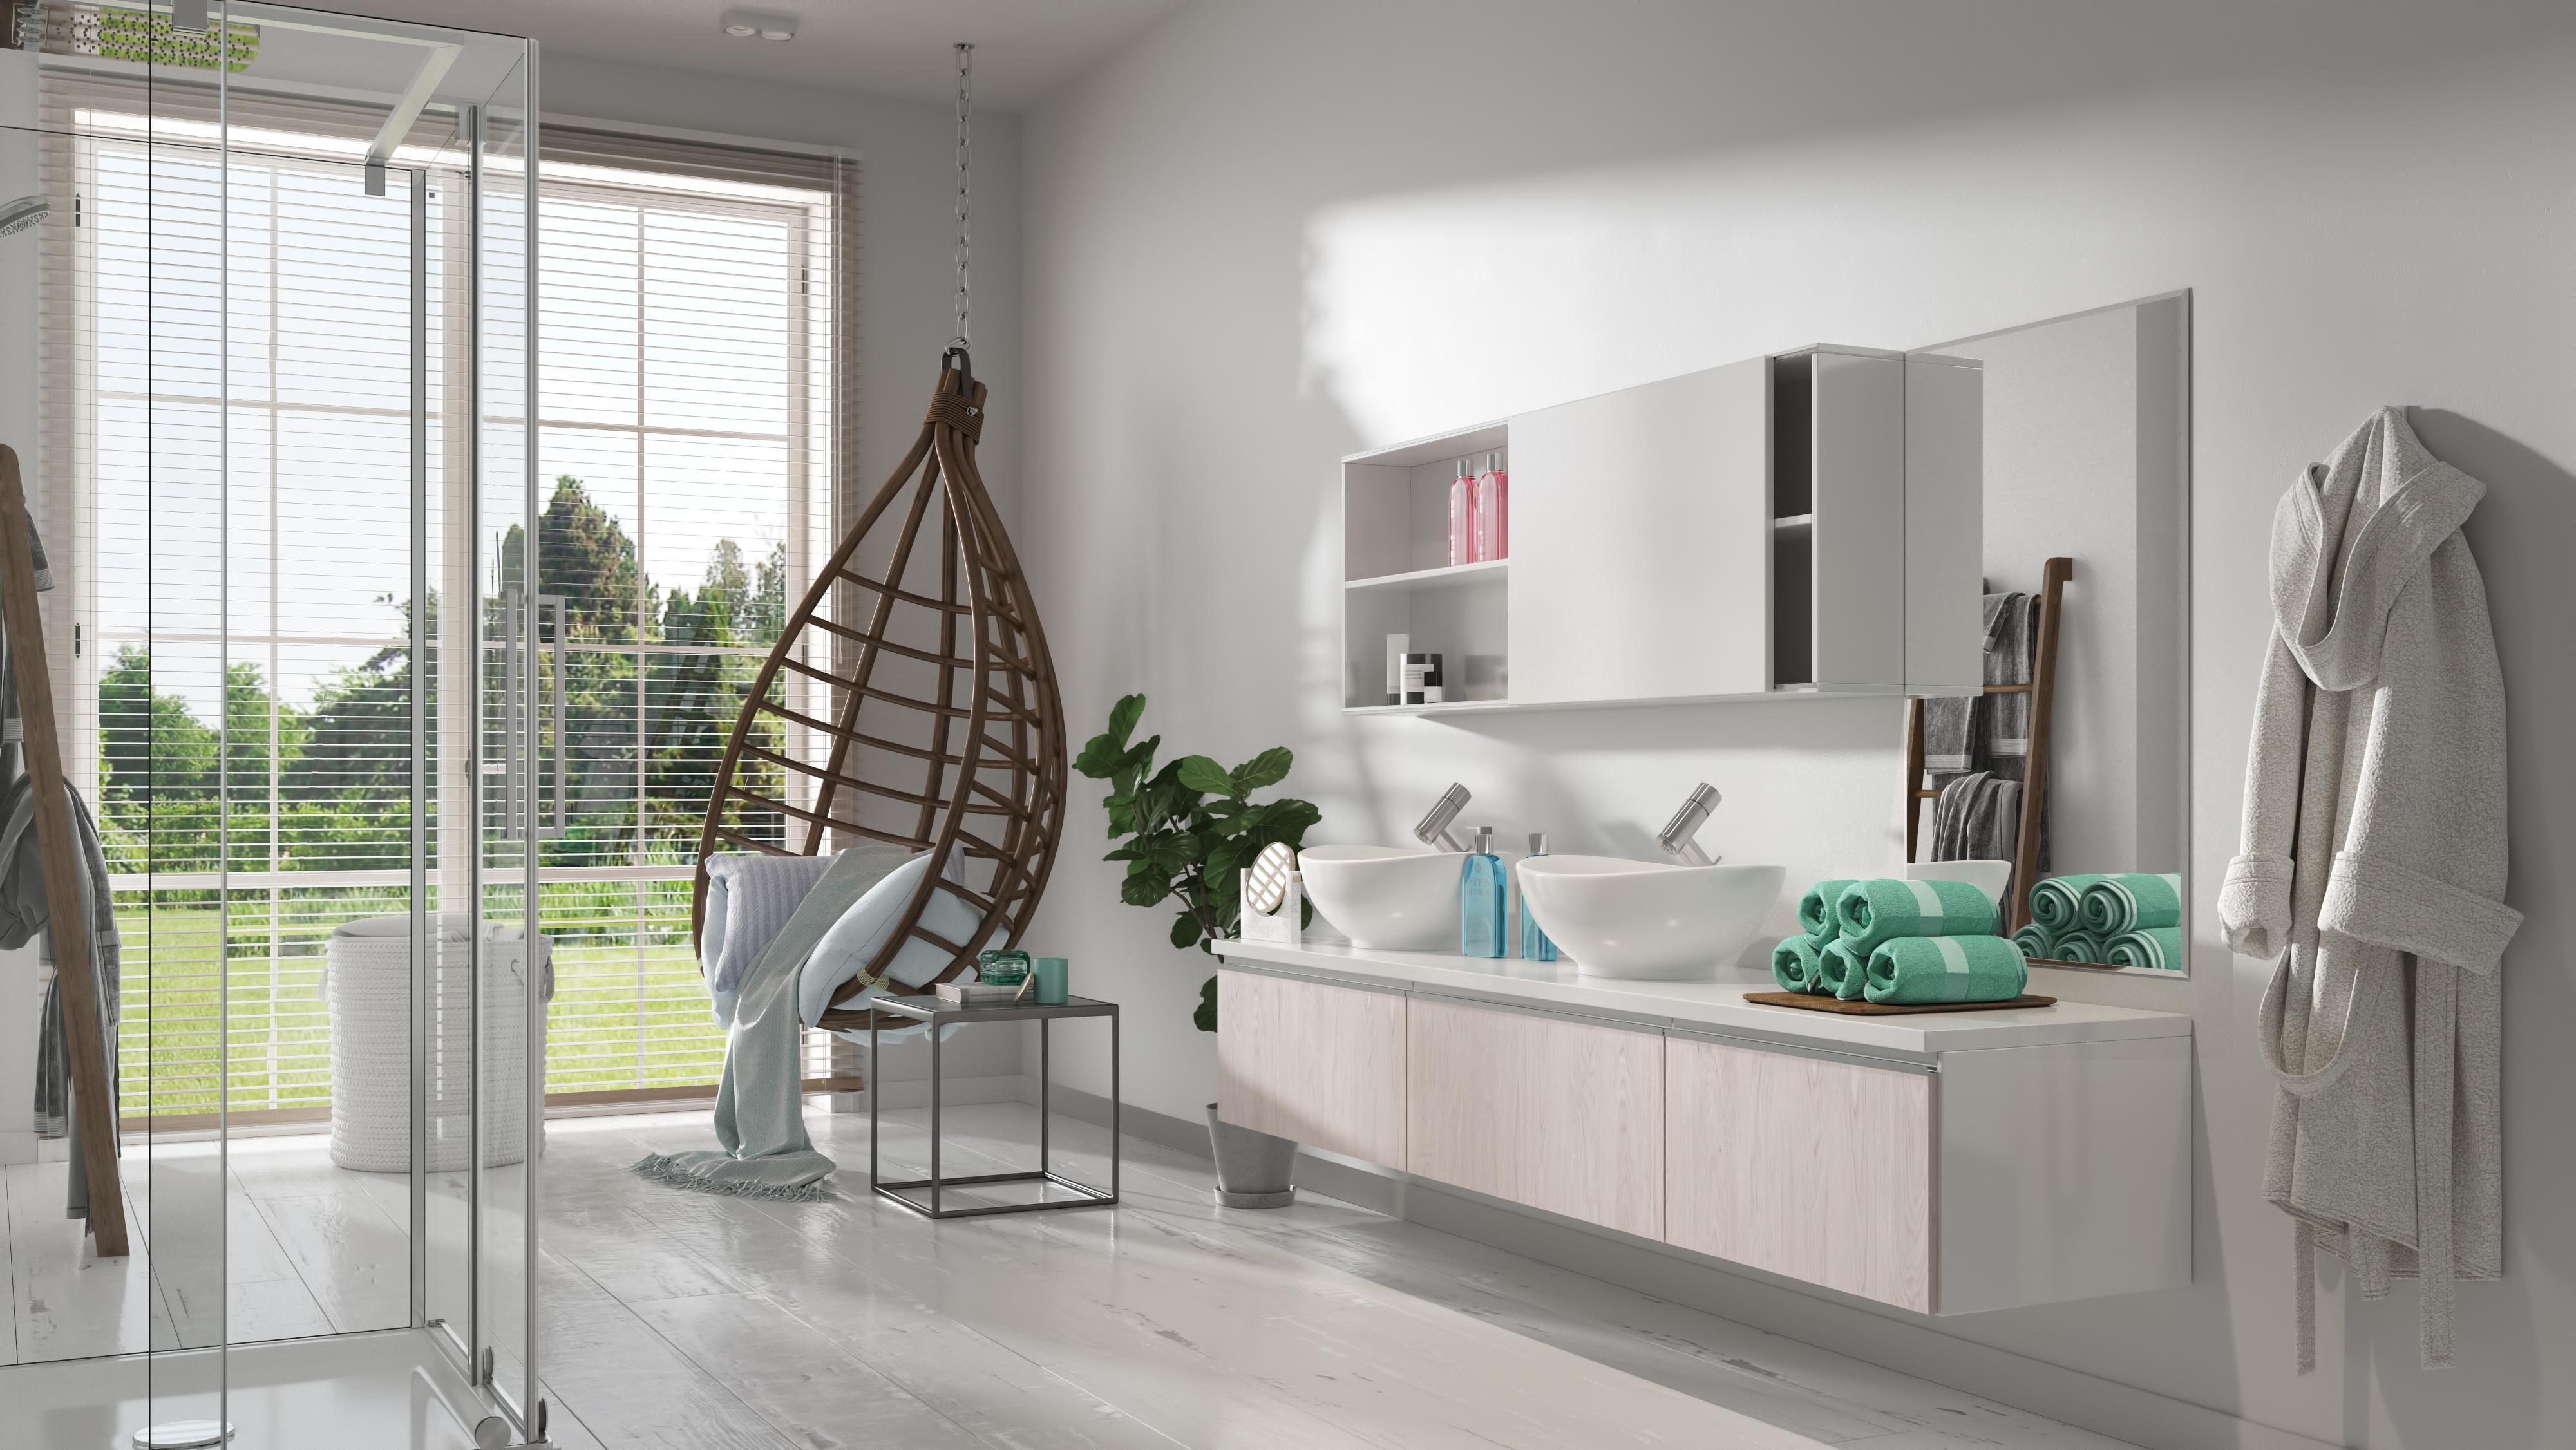 AINA_kylpyhuone kalusteet